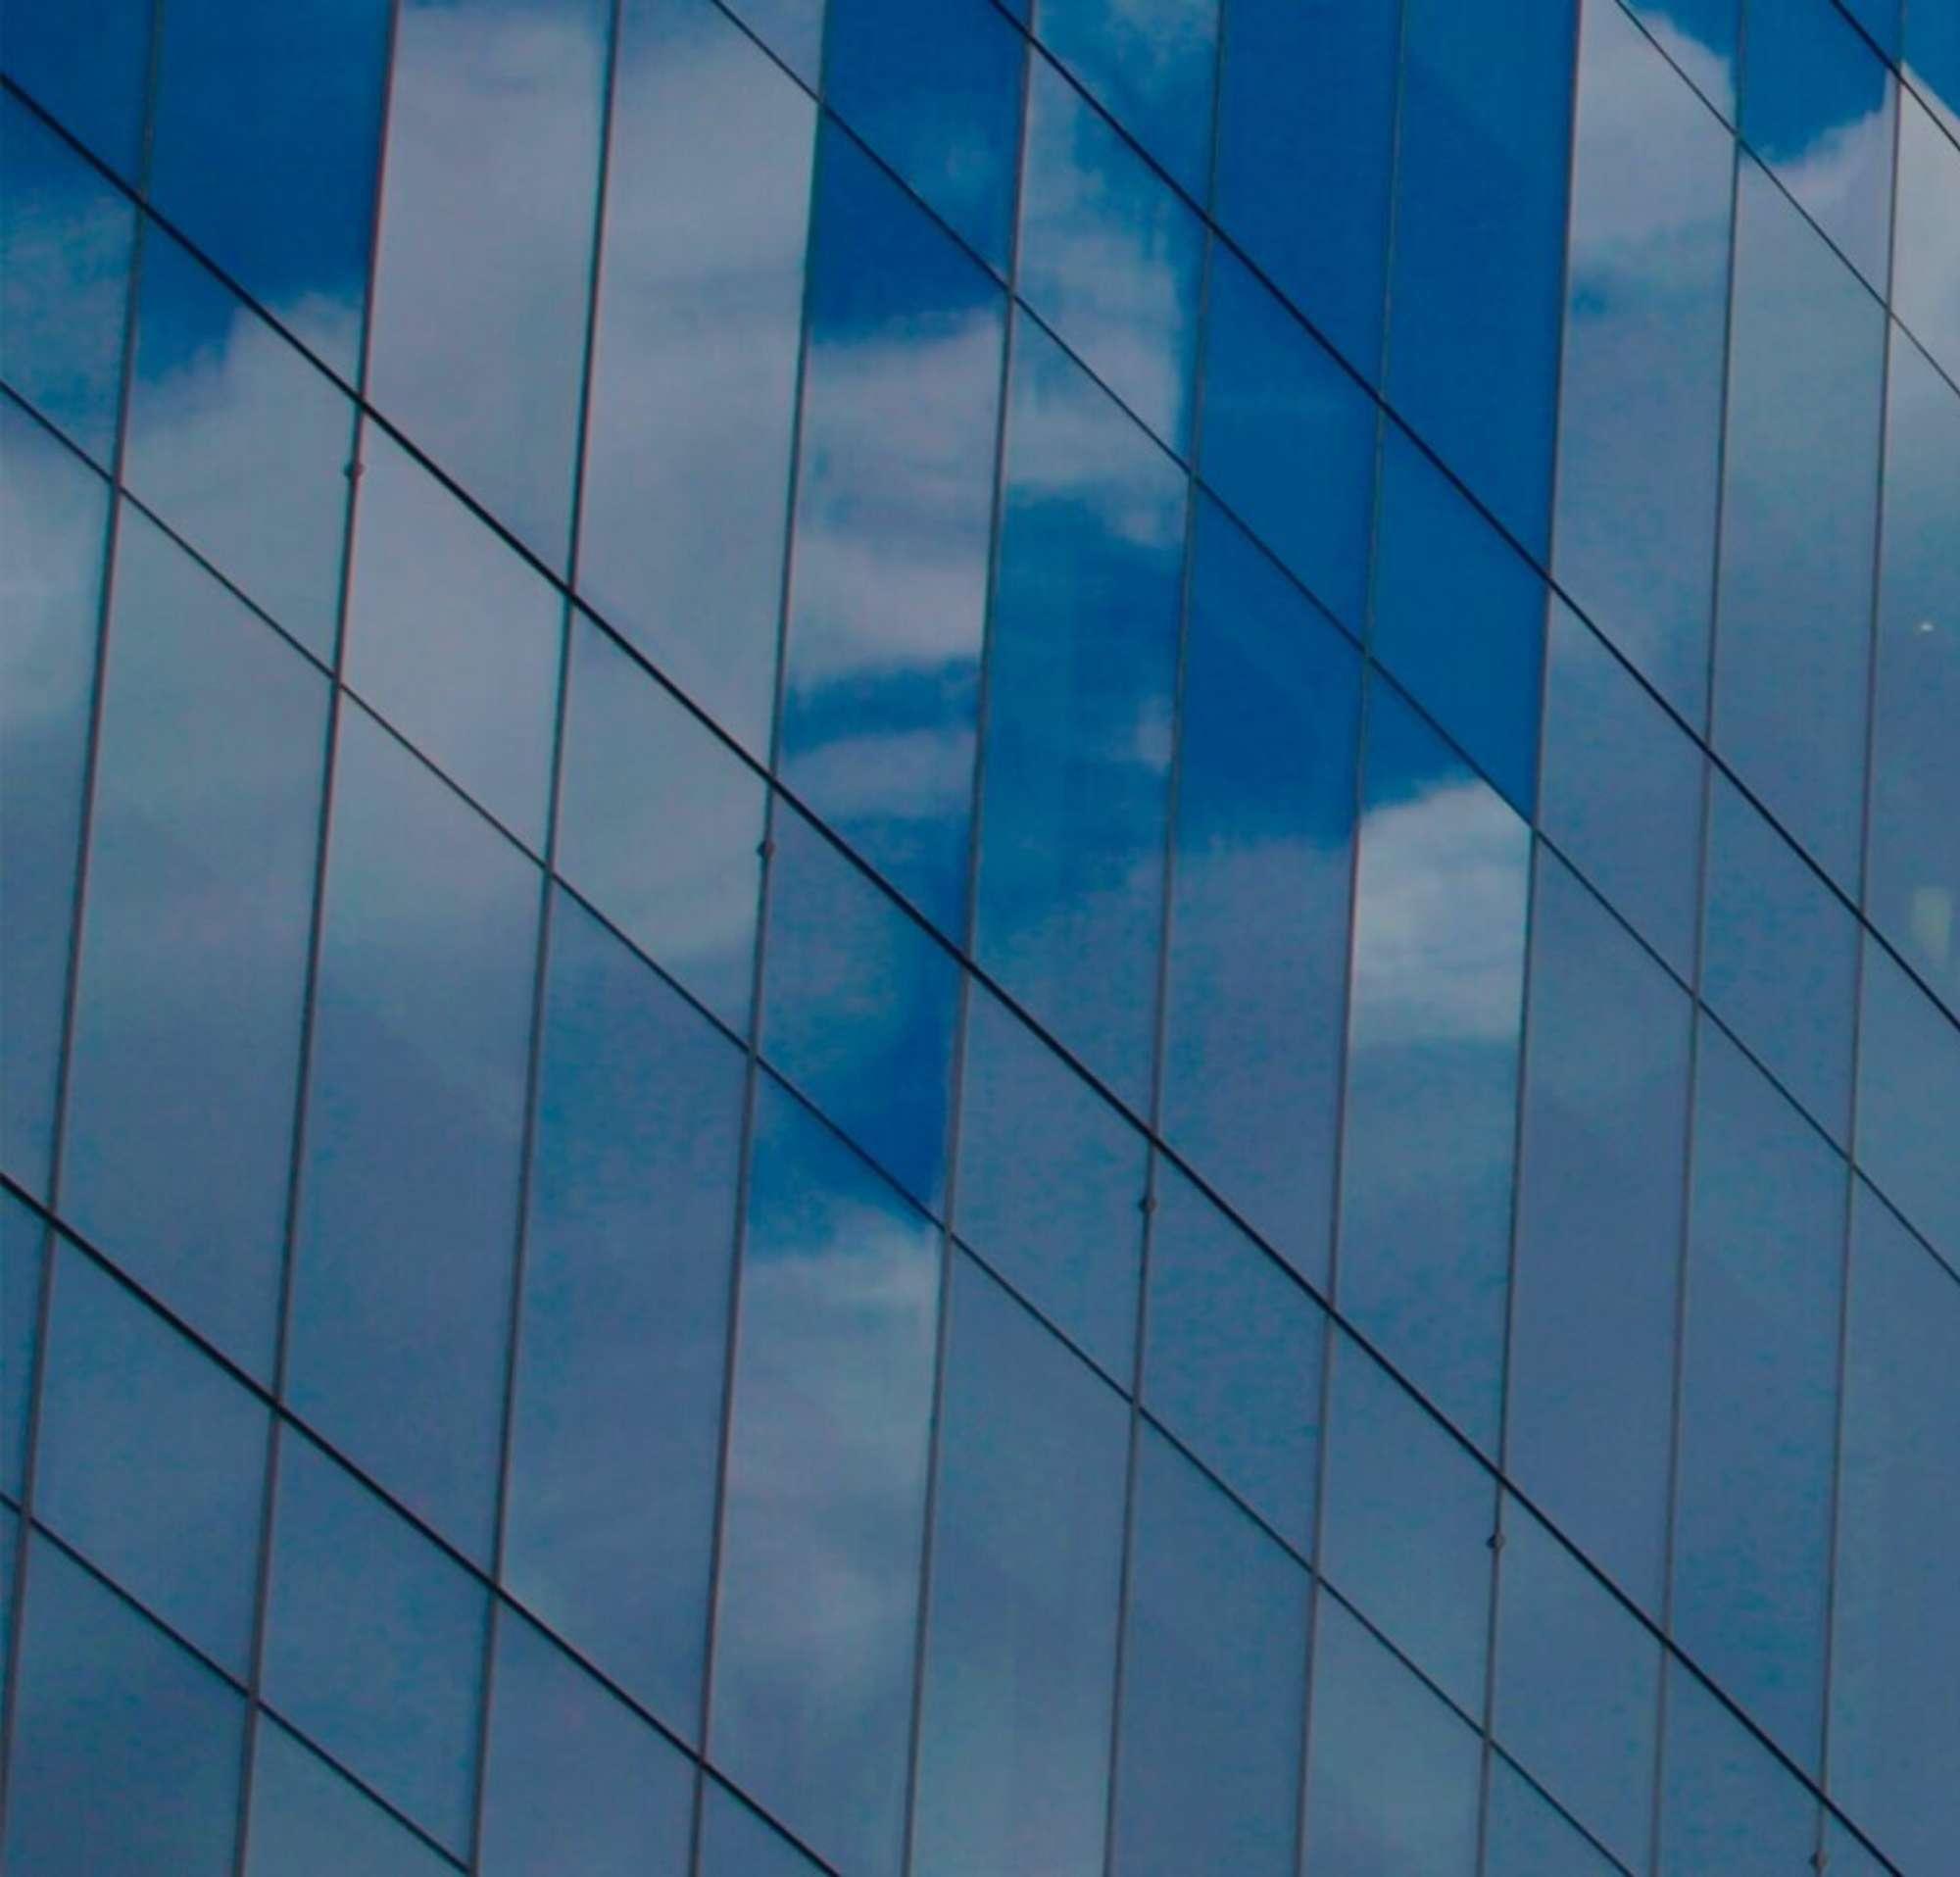 Fenêtres en verre d'un gratte-ciel dans lesquelles se reflètent les nuages.